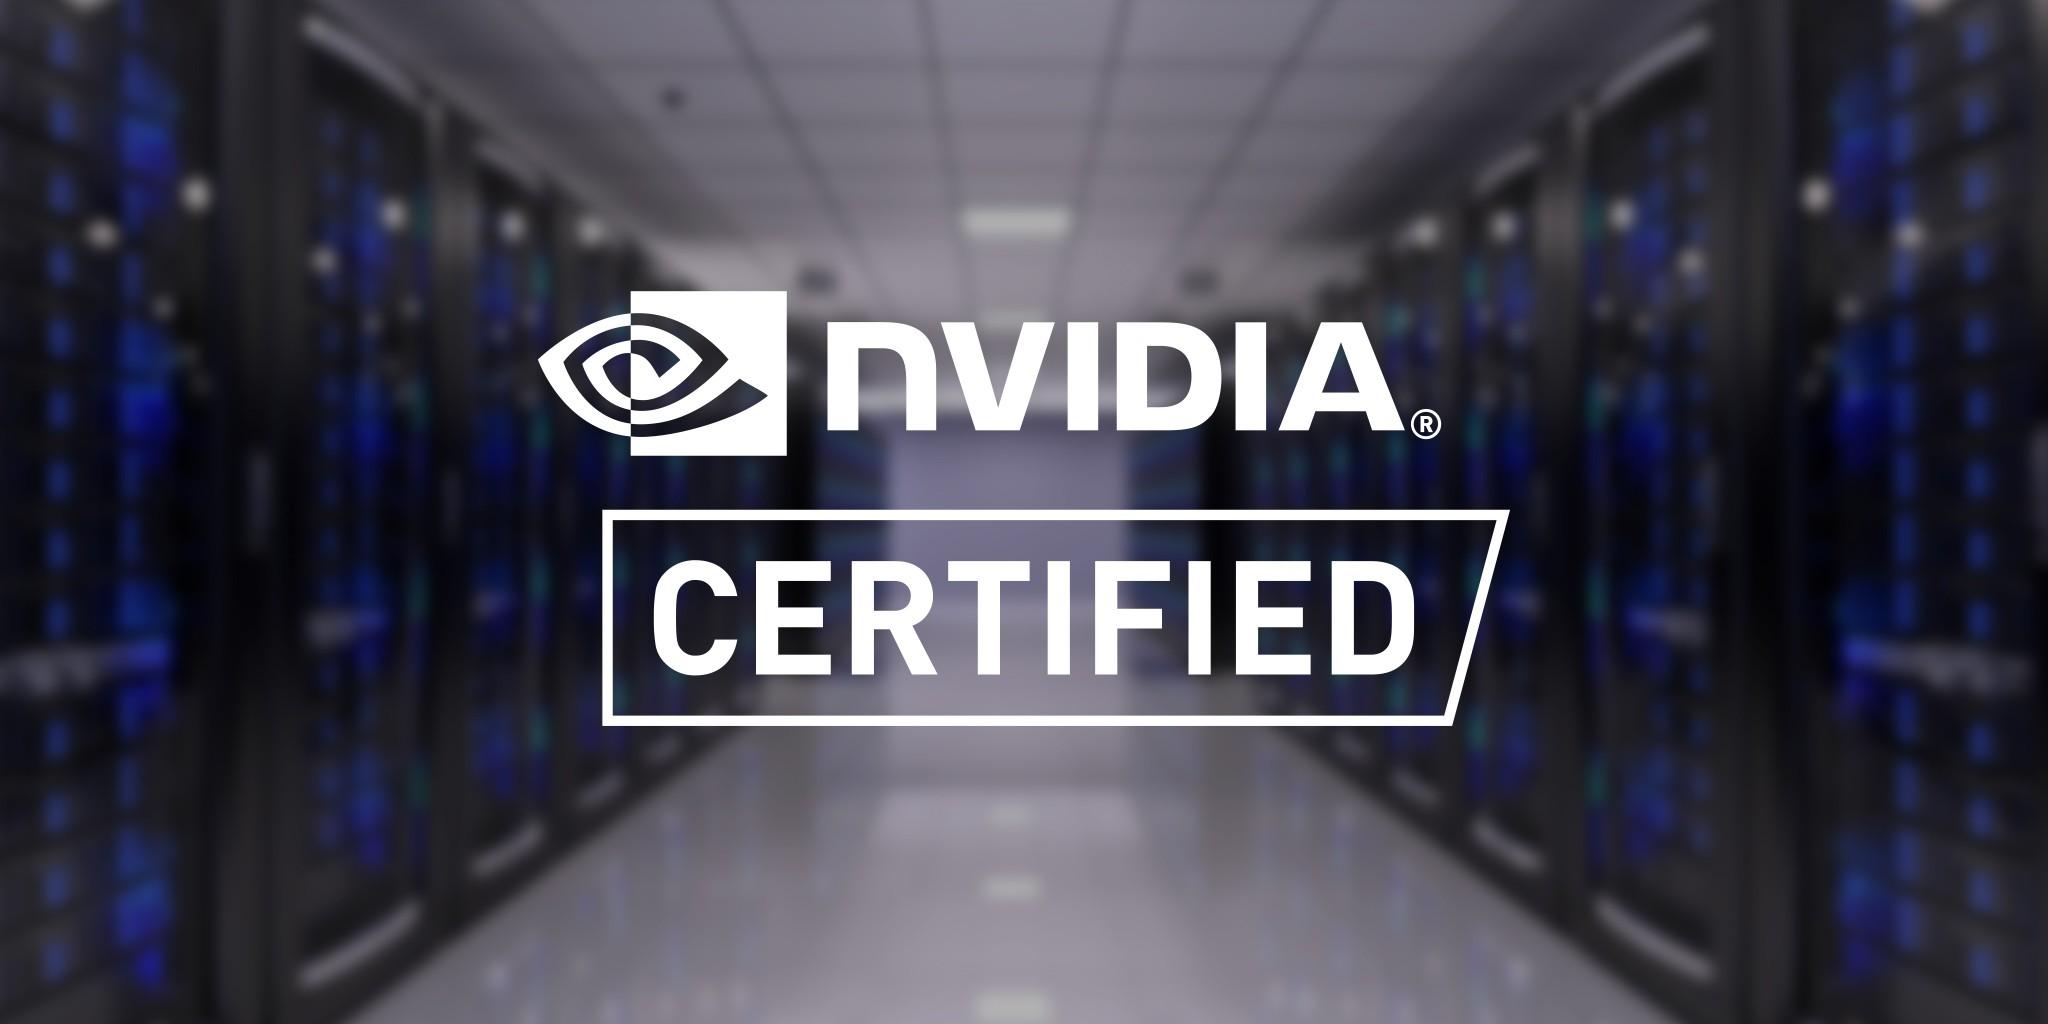 NVIDIA công bố các hệ thống máy chủ được chứng nhận cho AI